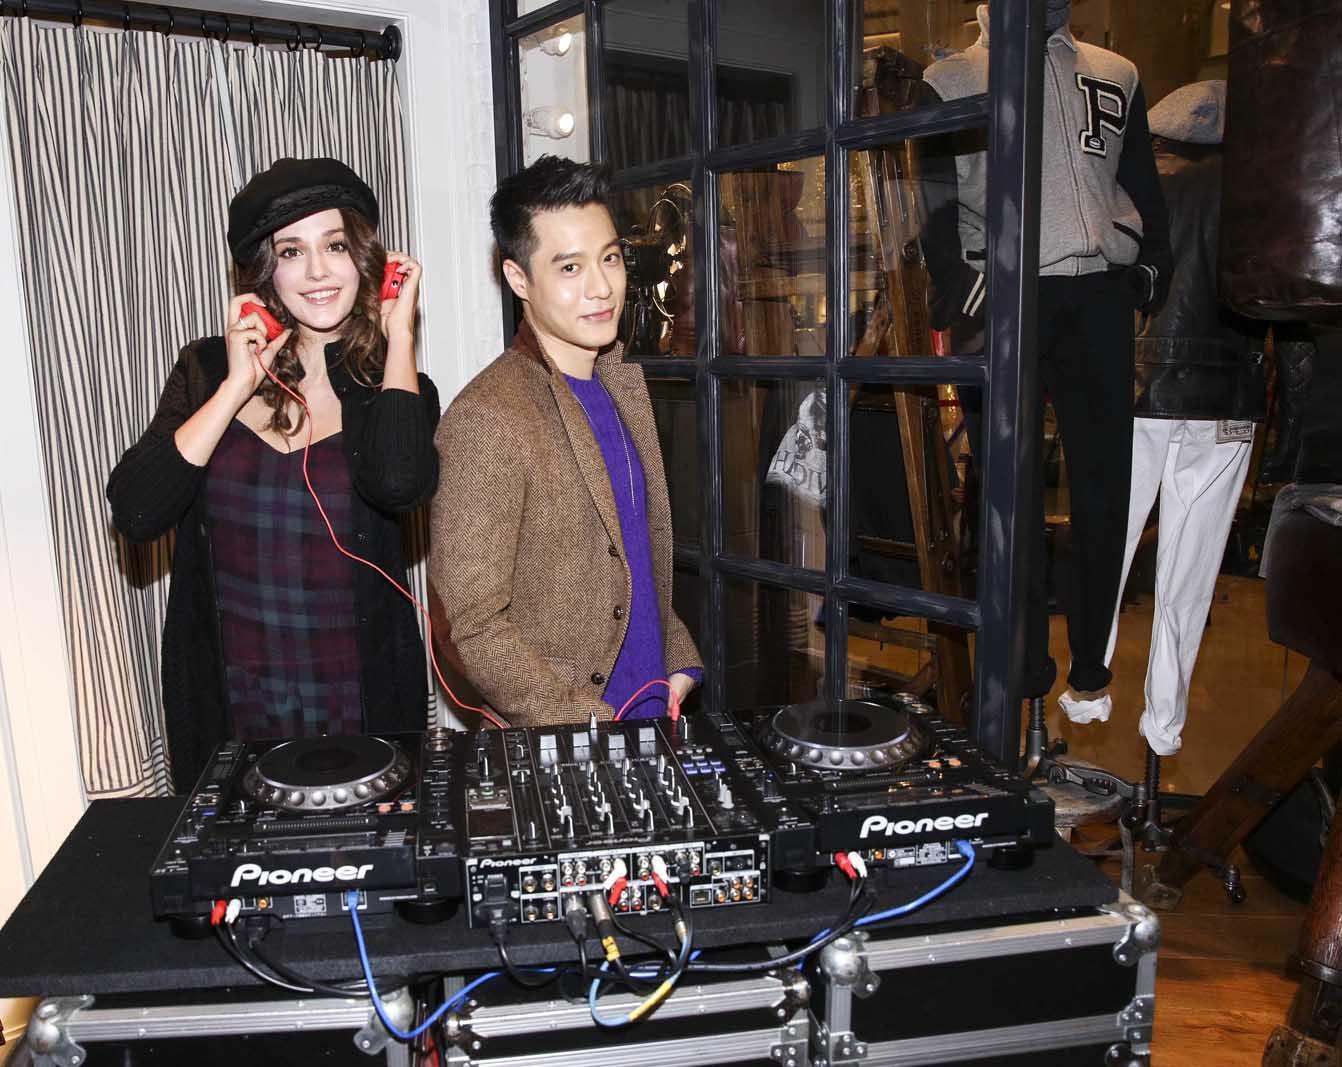 音樂才子 周湯豪與時尚名模 瑞莎同臺打碟